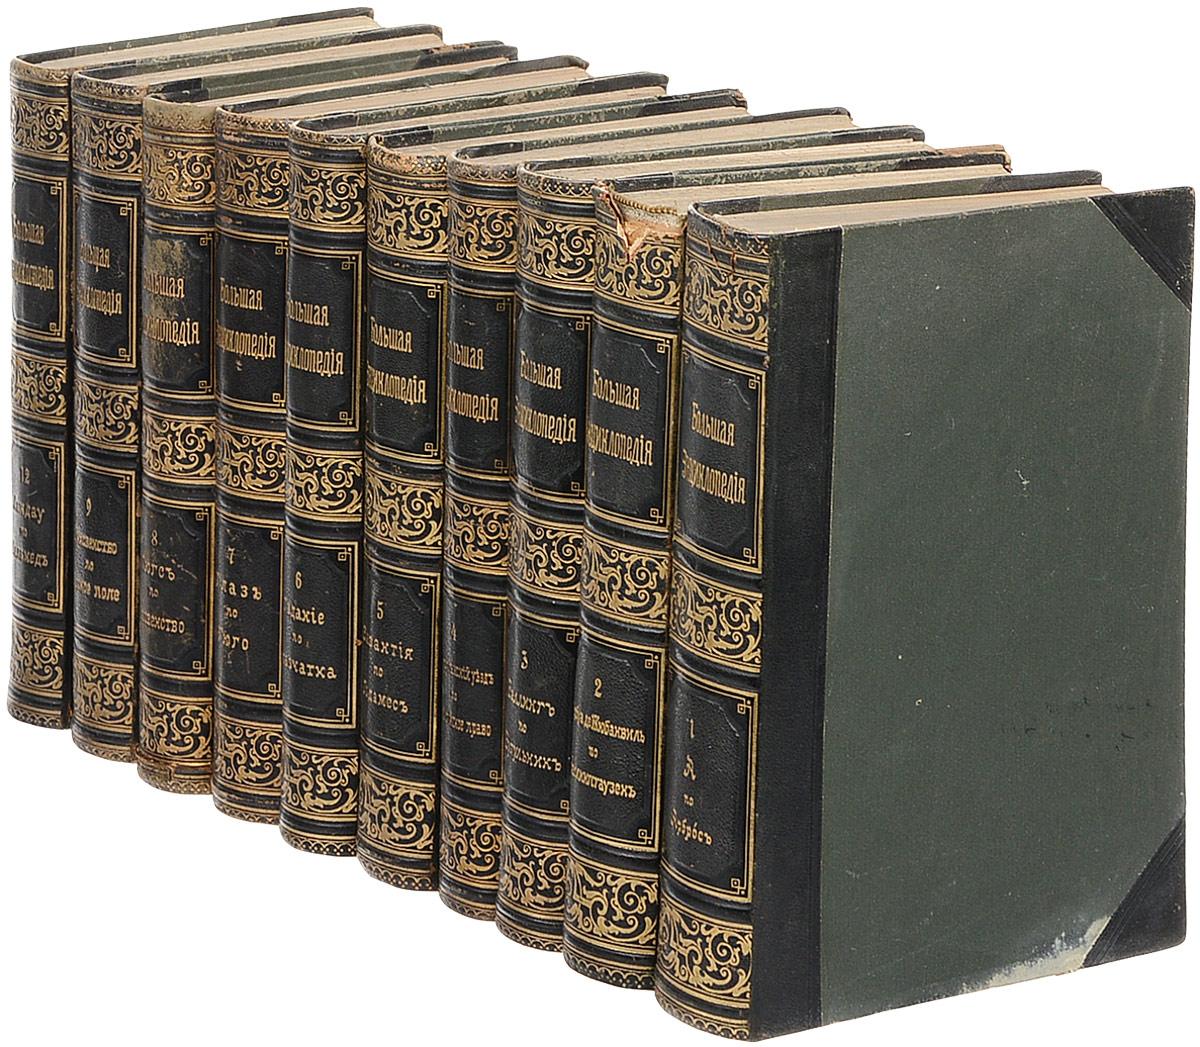 Большая энциклопедия в 20 томах (комплект из 18 книг, тома 10 и 17 отсутствуют) большая иллюстрированная энциклопедия в 32 томах том 5 бут вин